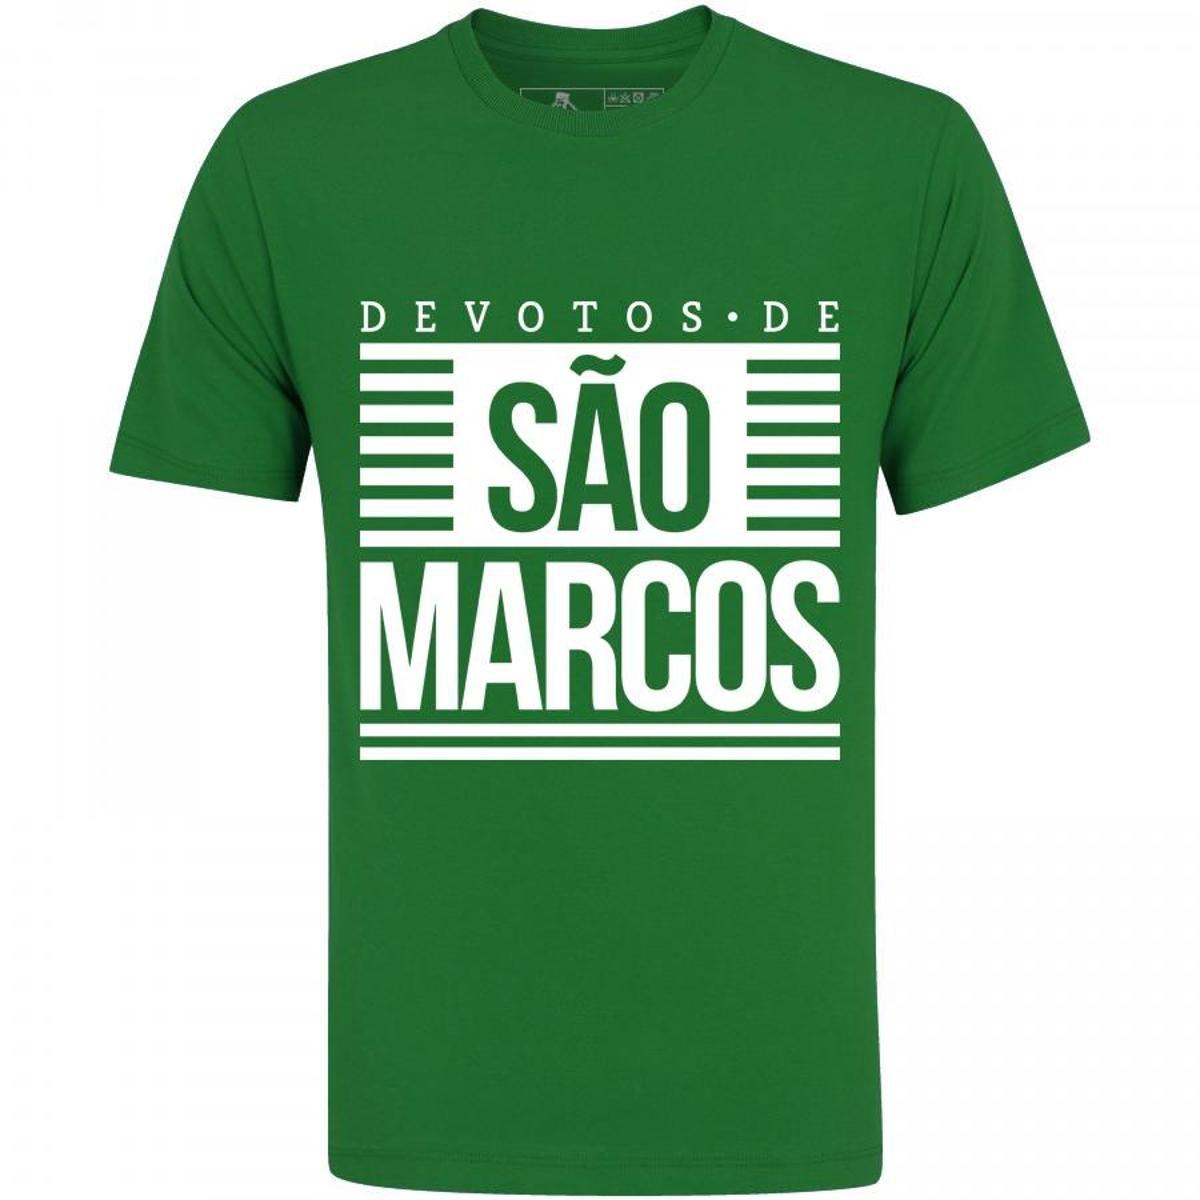 eb2a0bd79f834 Camiseta Zé Carretilha Palmeiras Devotos Masculina - Verde - Compre Agora